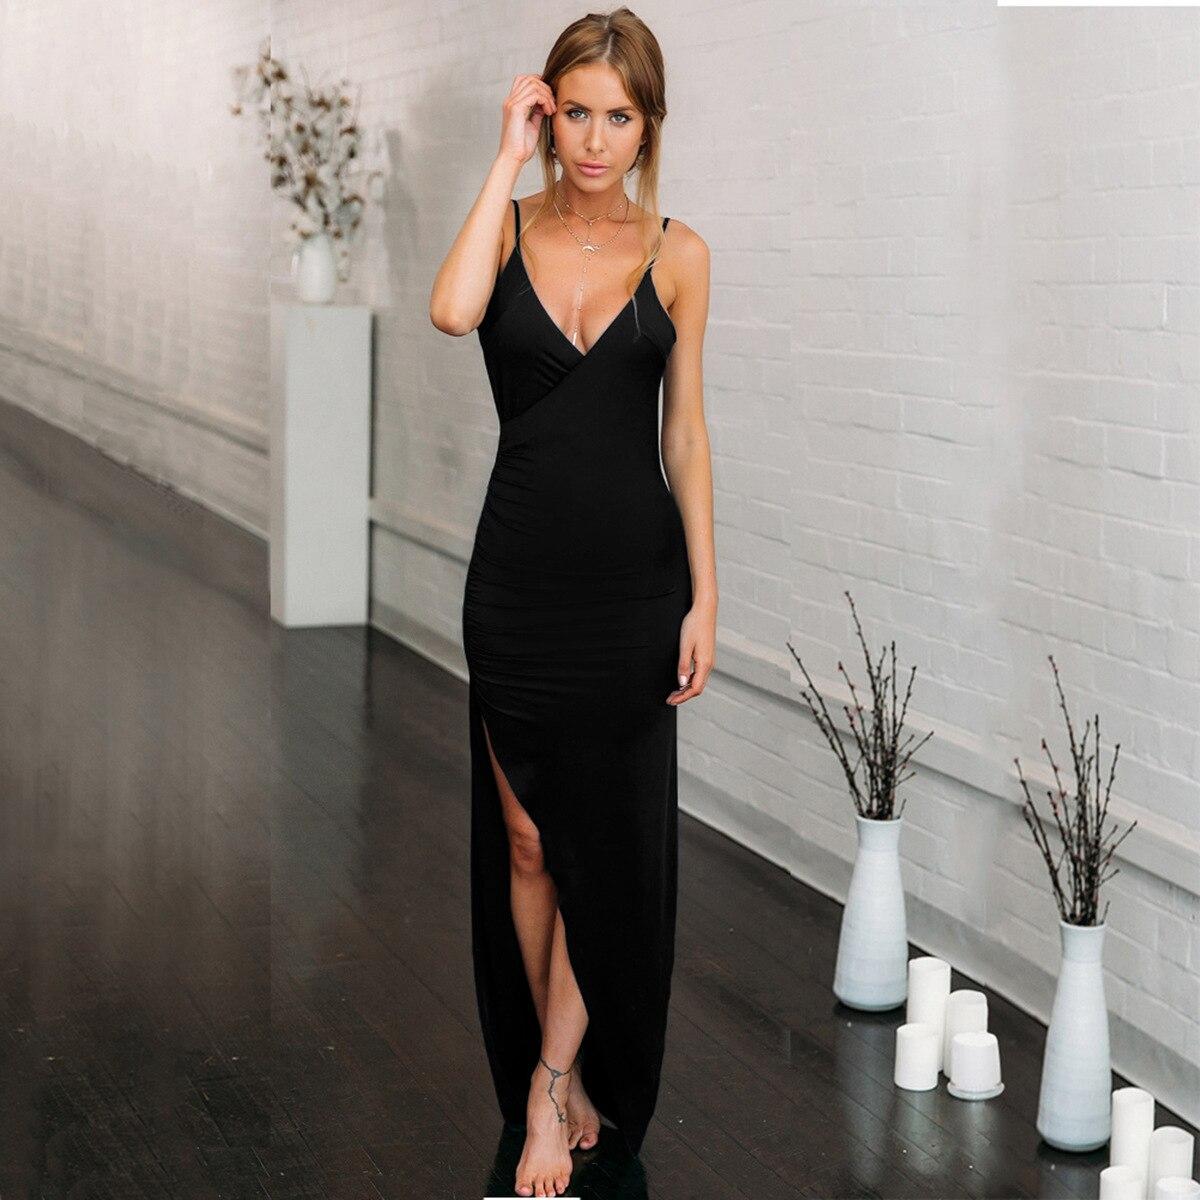 Женские летние платья 2021 V образным вырезом с низким вырезом на спине халатик Клубное сексуальное длинное платье женское тонкое вечерние Сп...